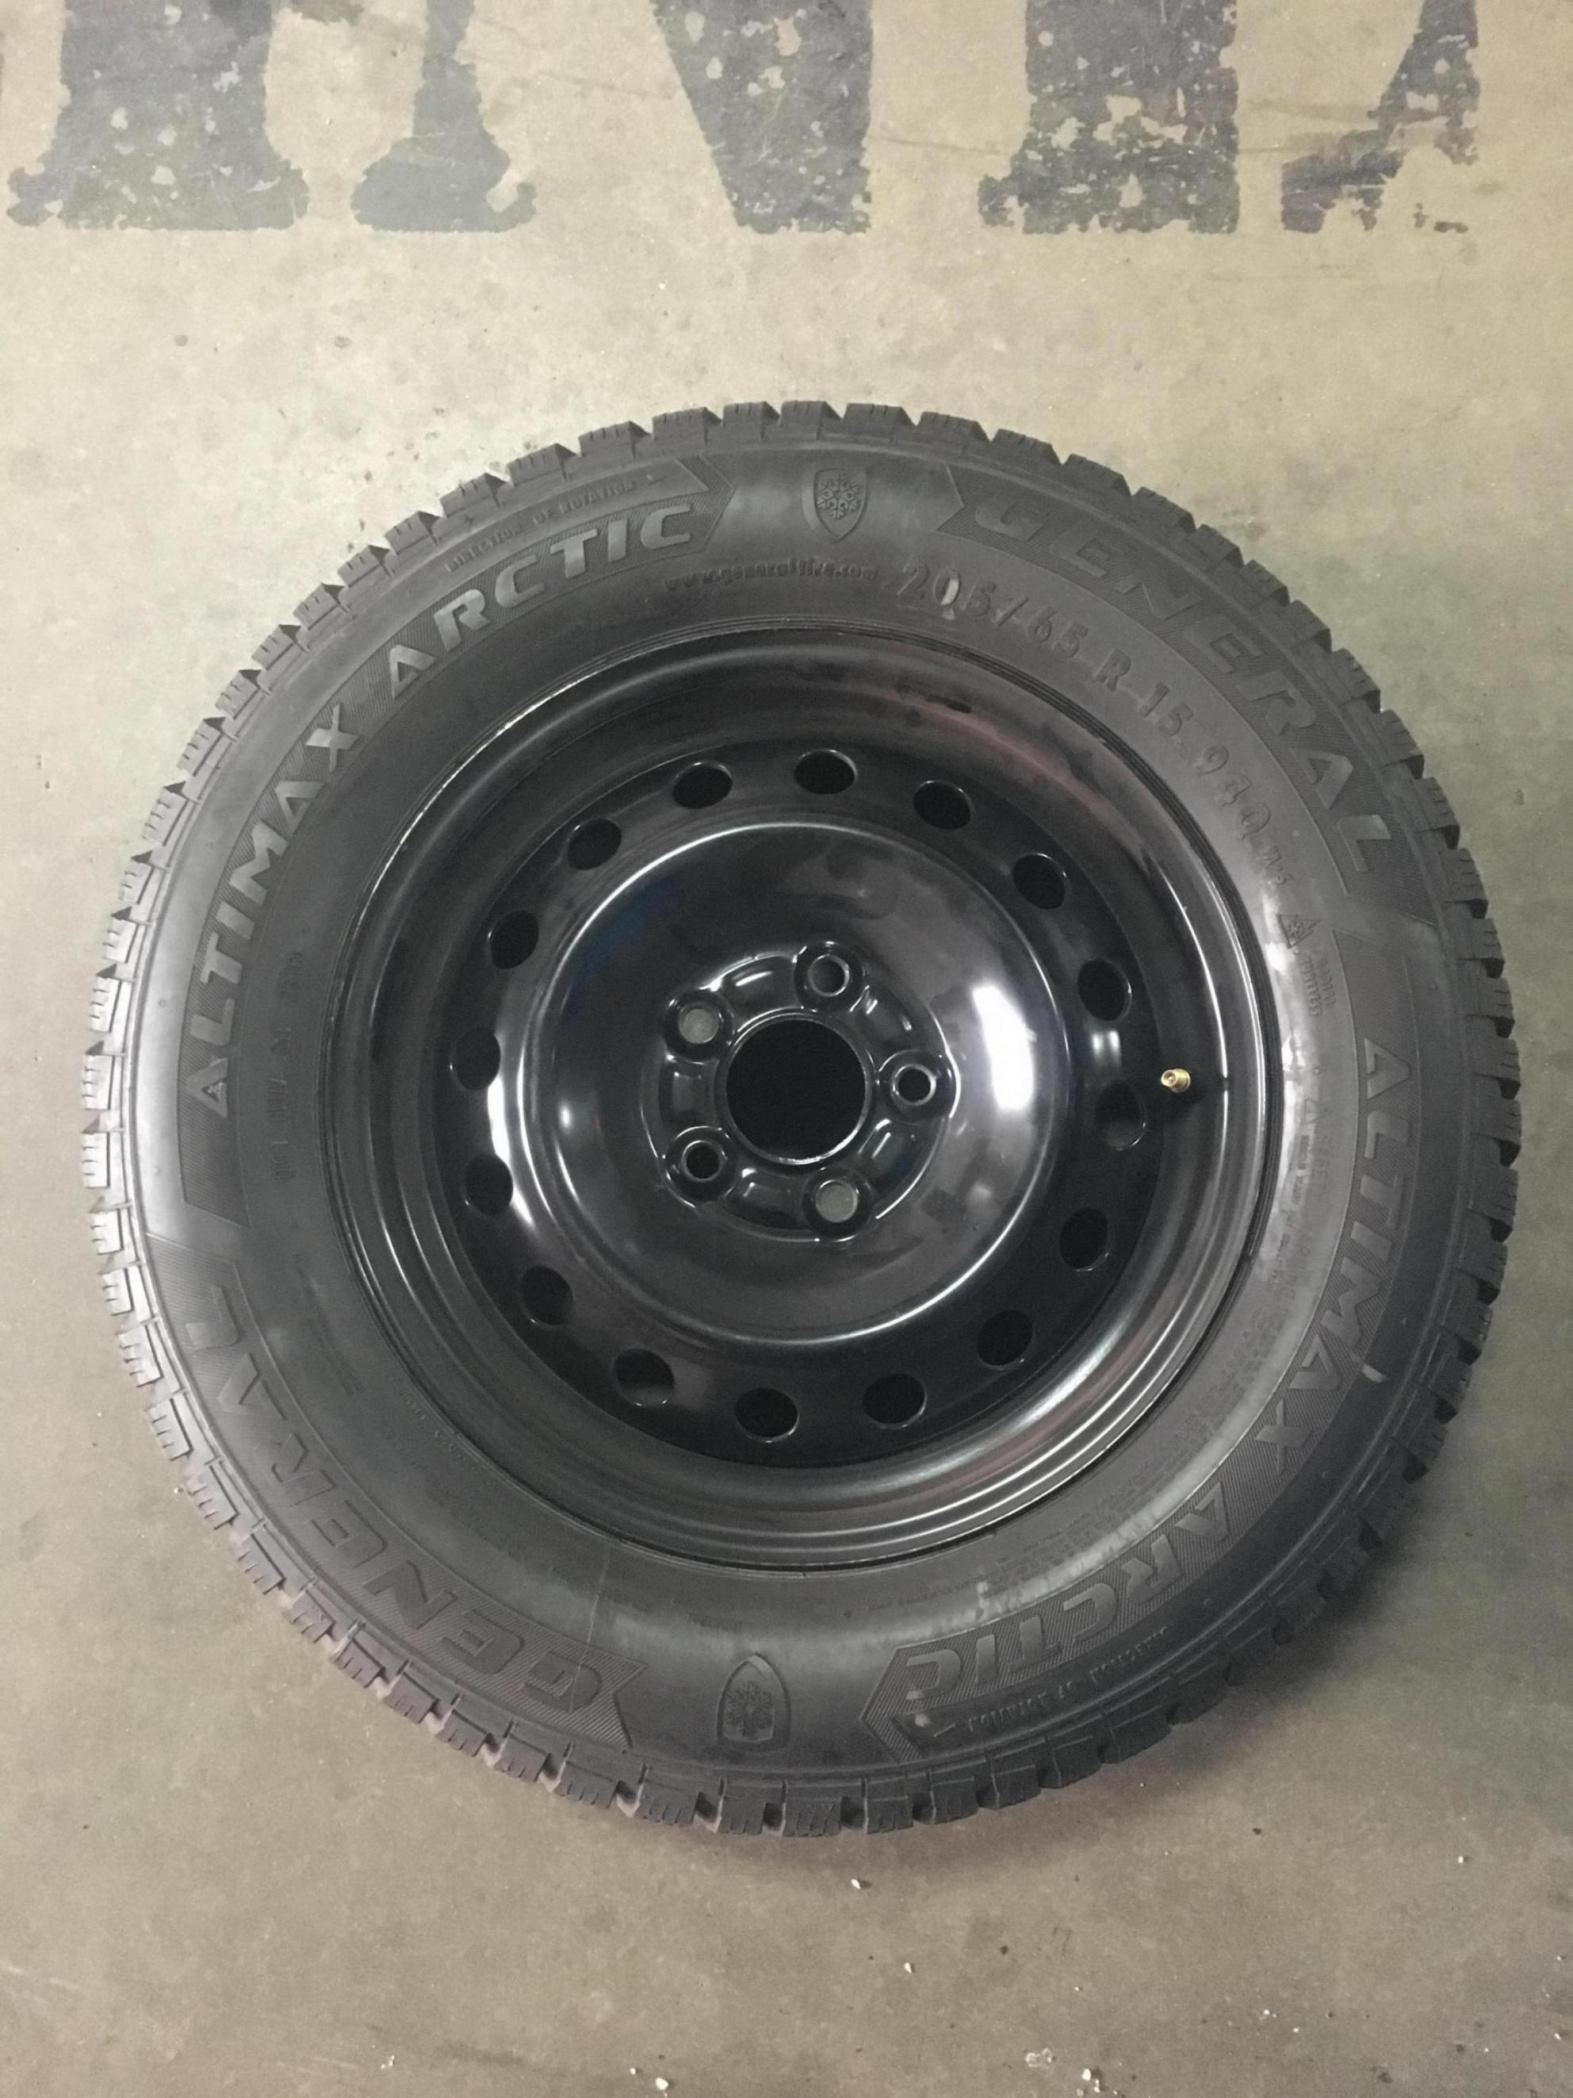 For Sale Winter tires & Steelies 205/65/15-416d6143-cff5-4579-9a8f-f37c12d6f19f_1547756075395.jpg